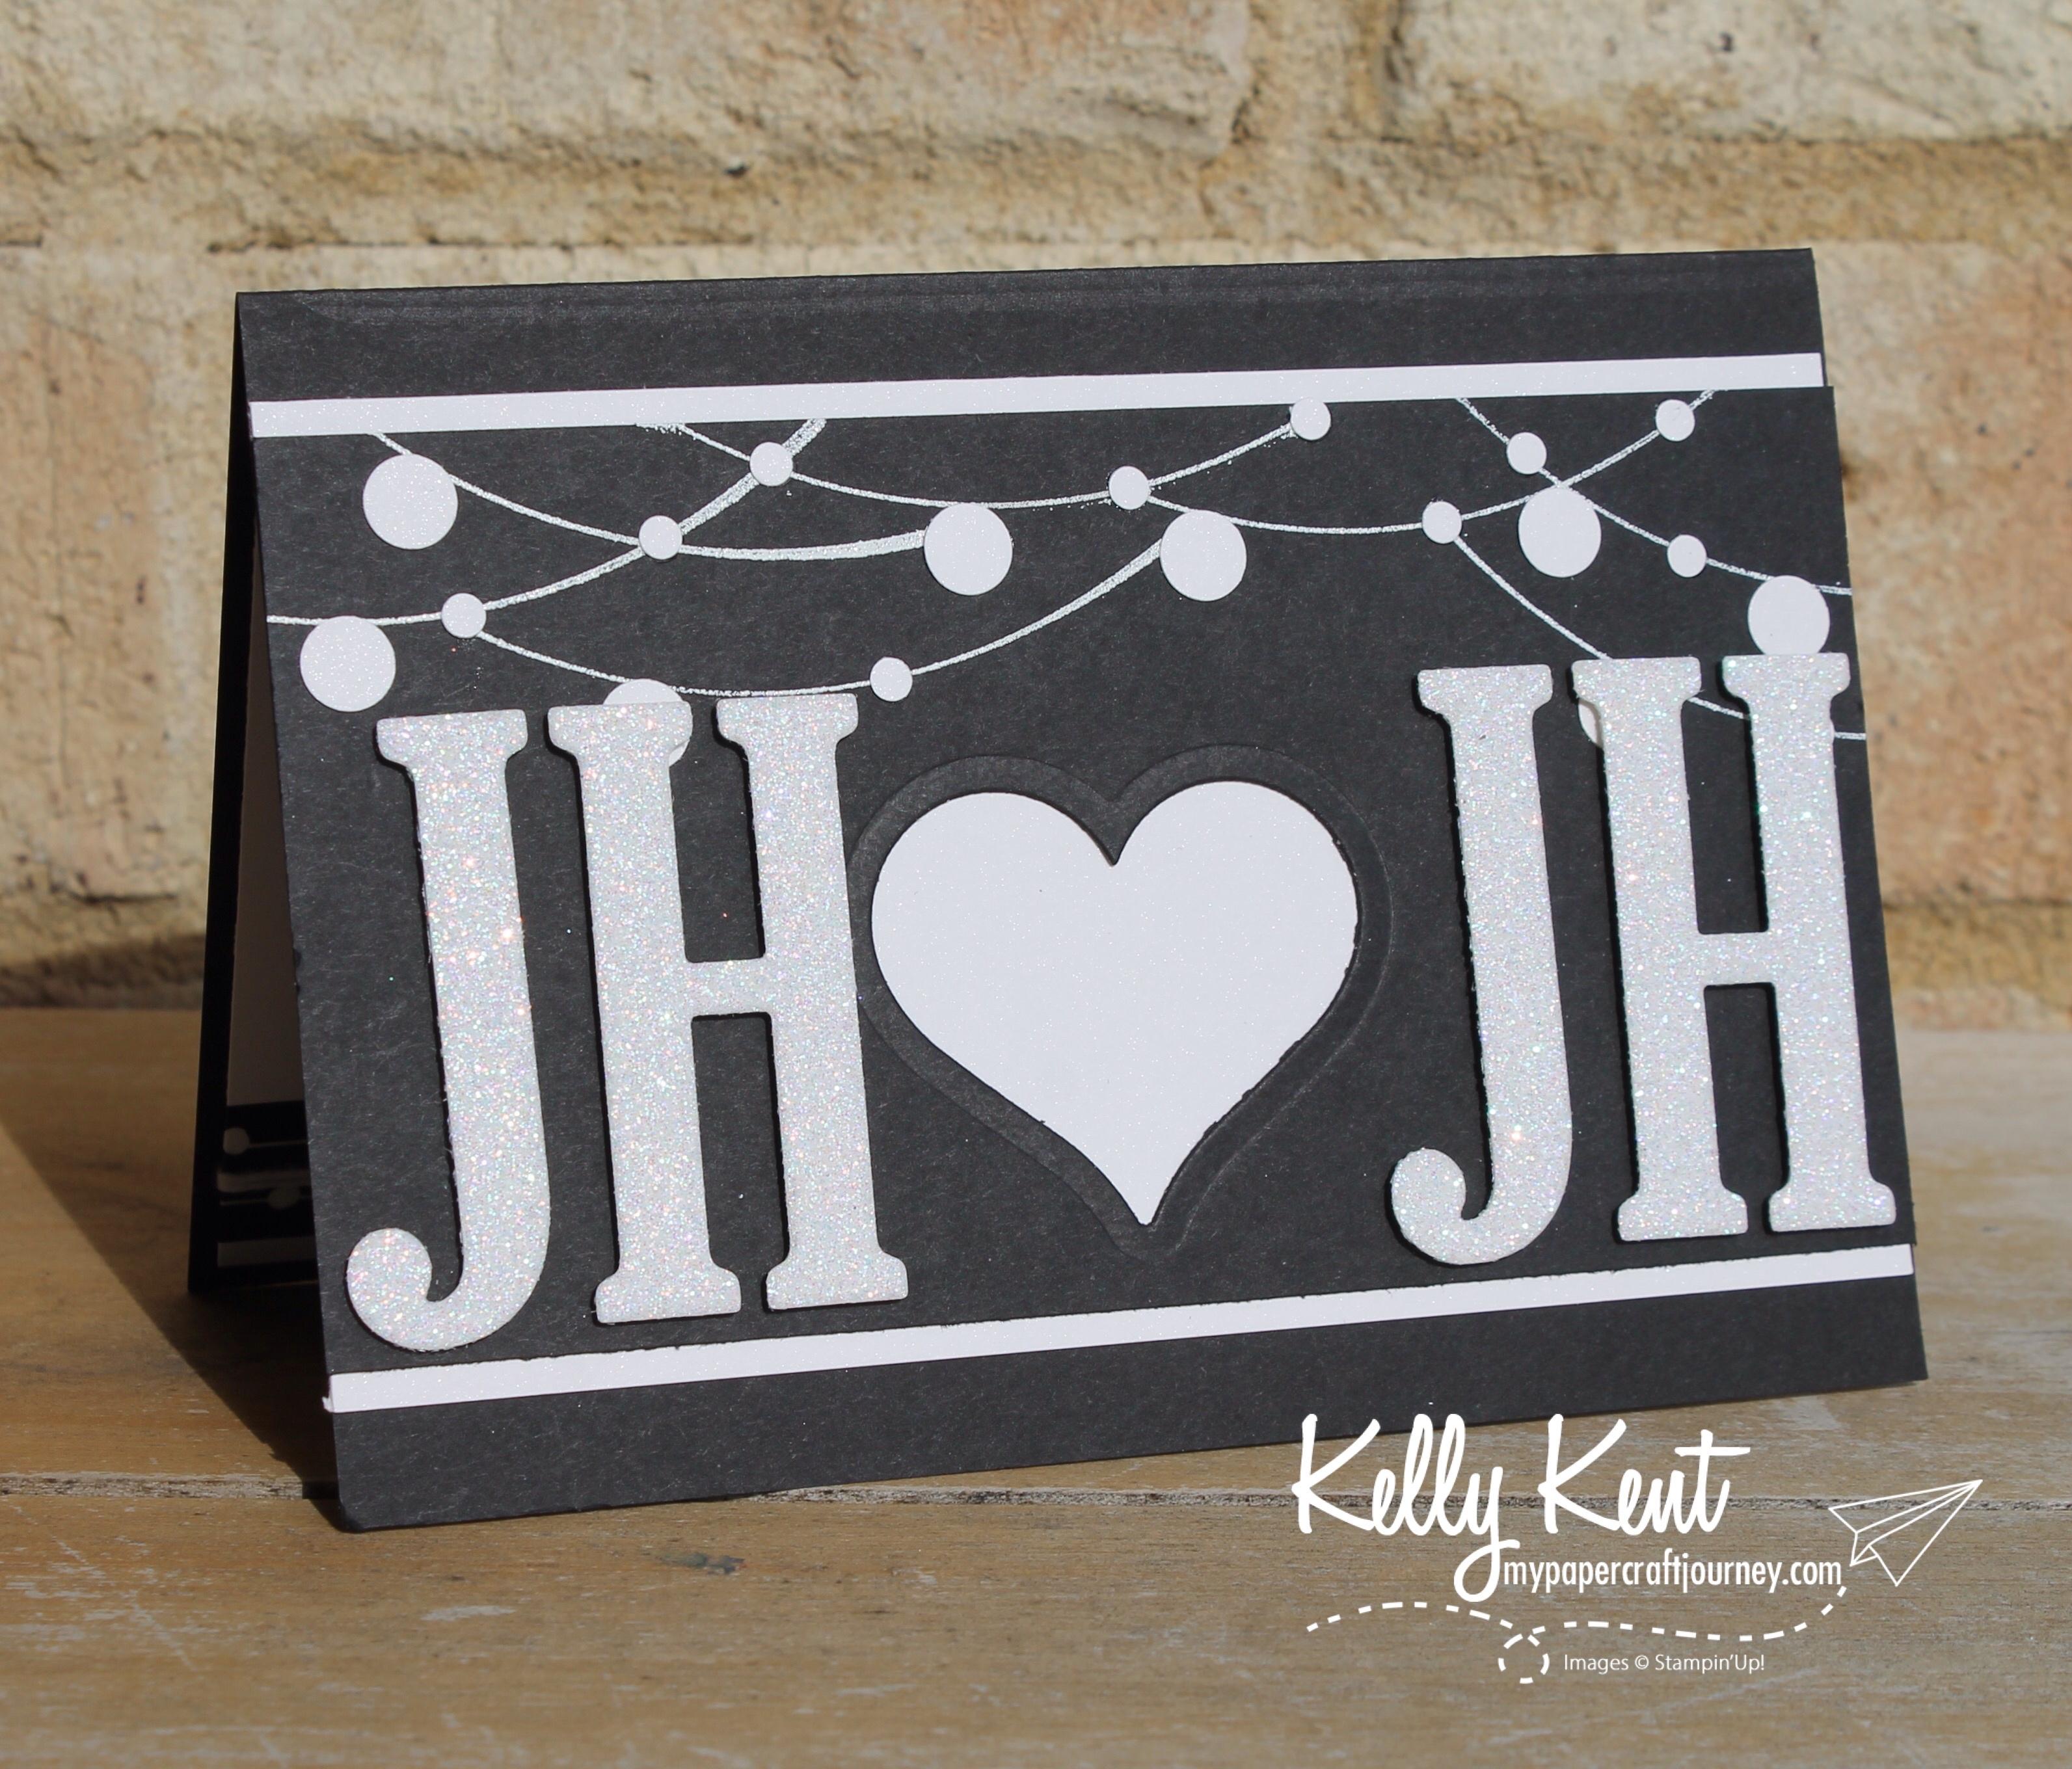 Personalised Wedding Card | kelly kent